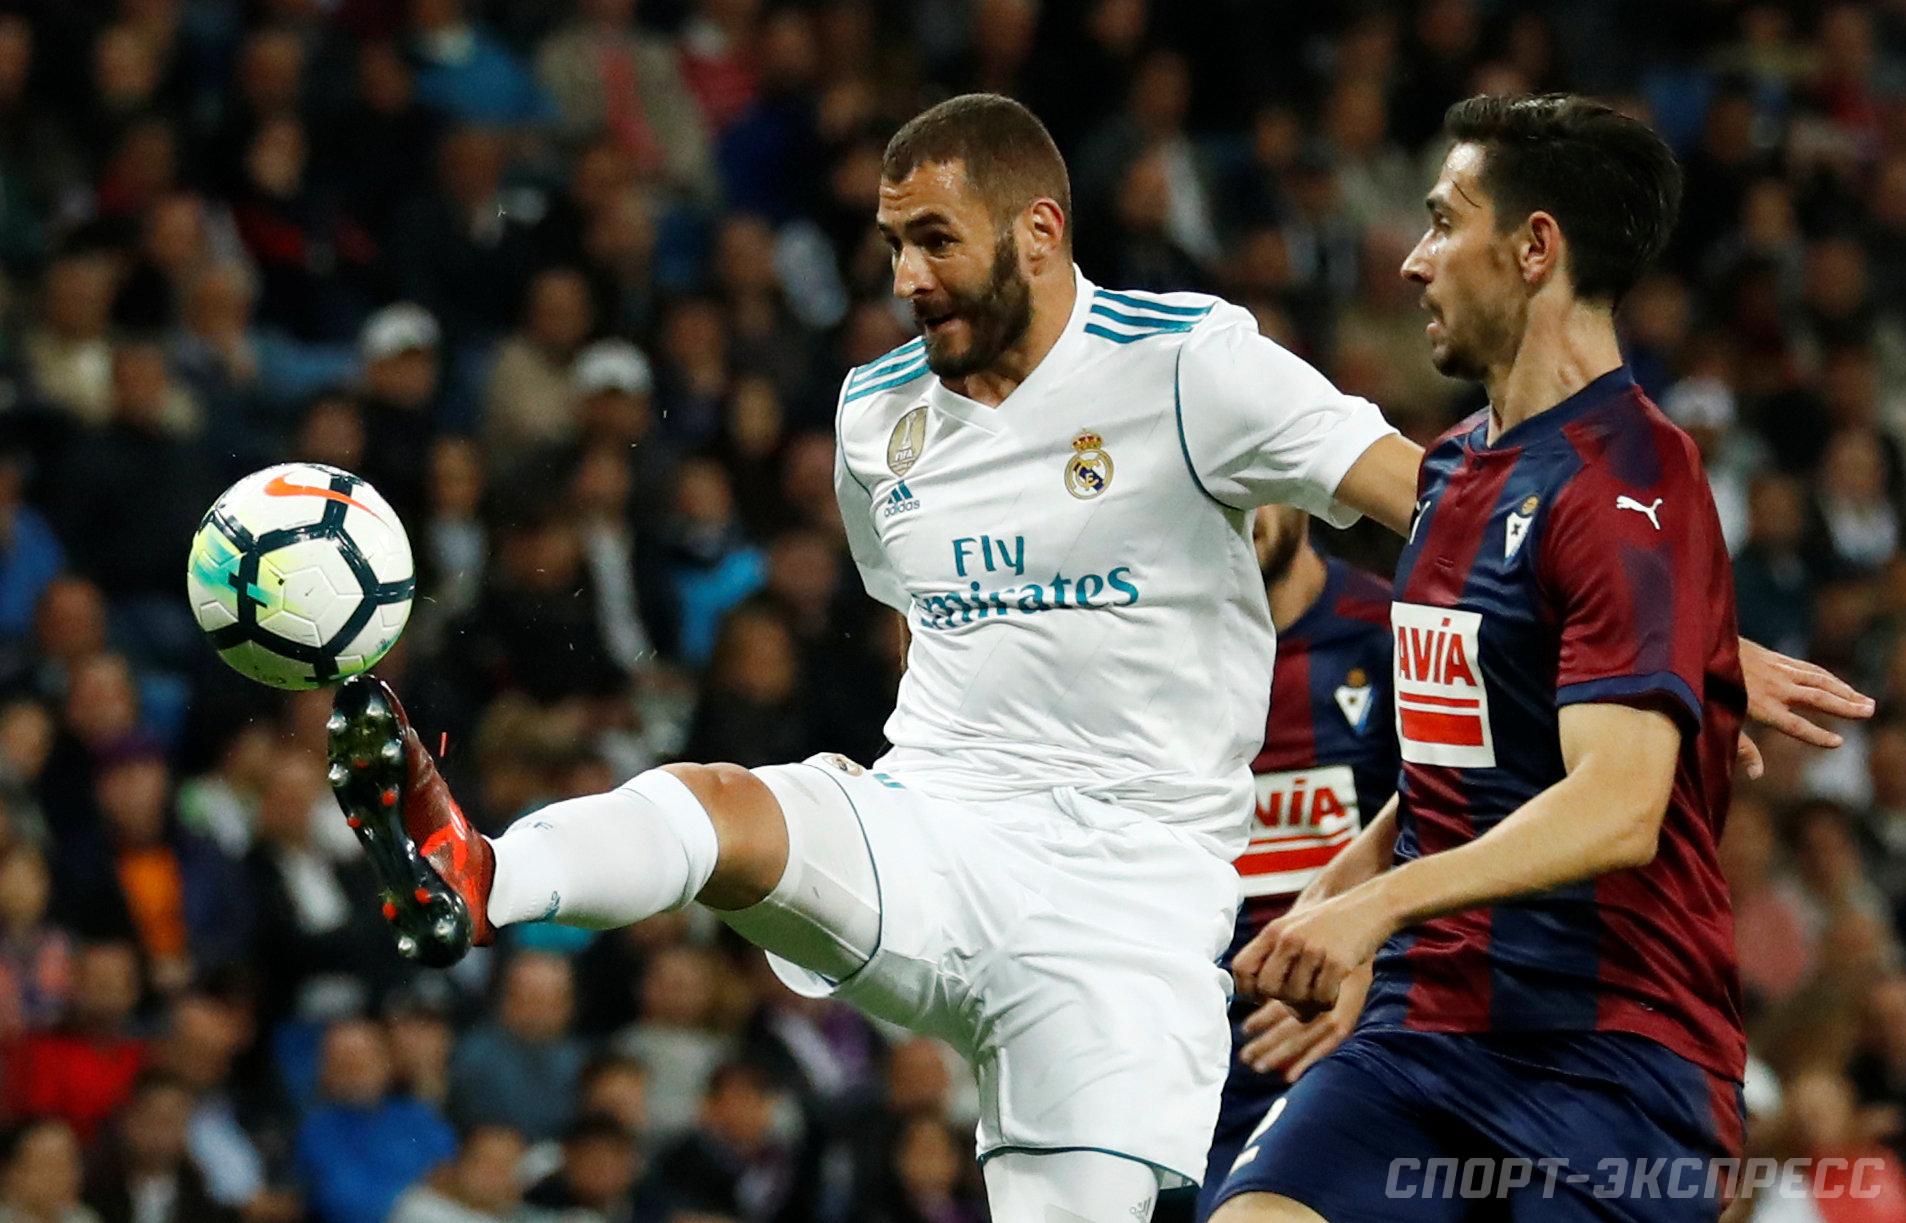 Прогноз на матч Реал Мадрид - Эйбар 22 октября 2017